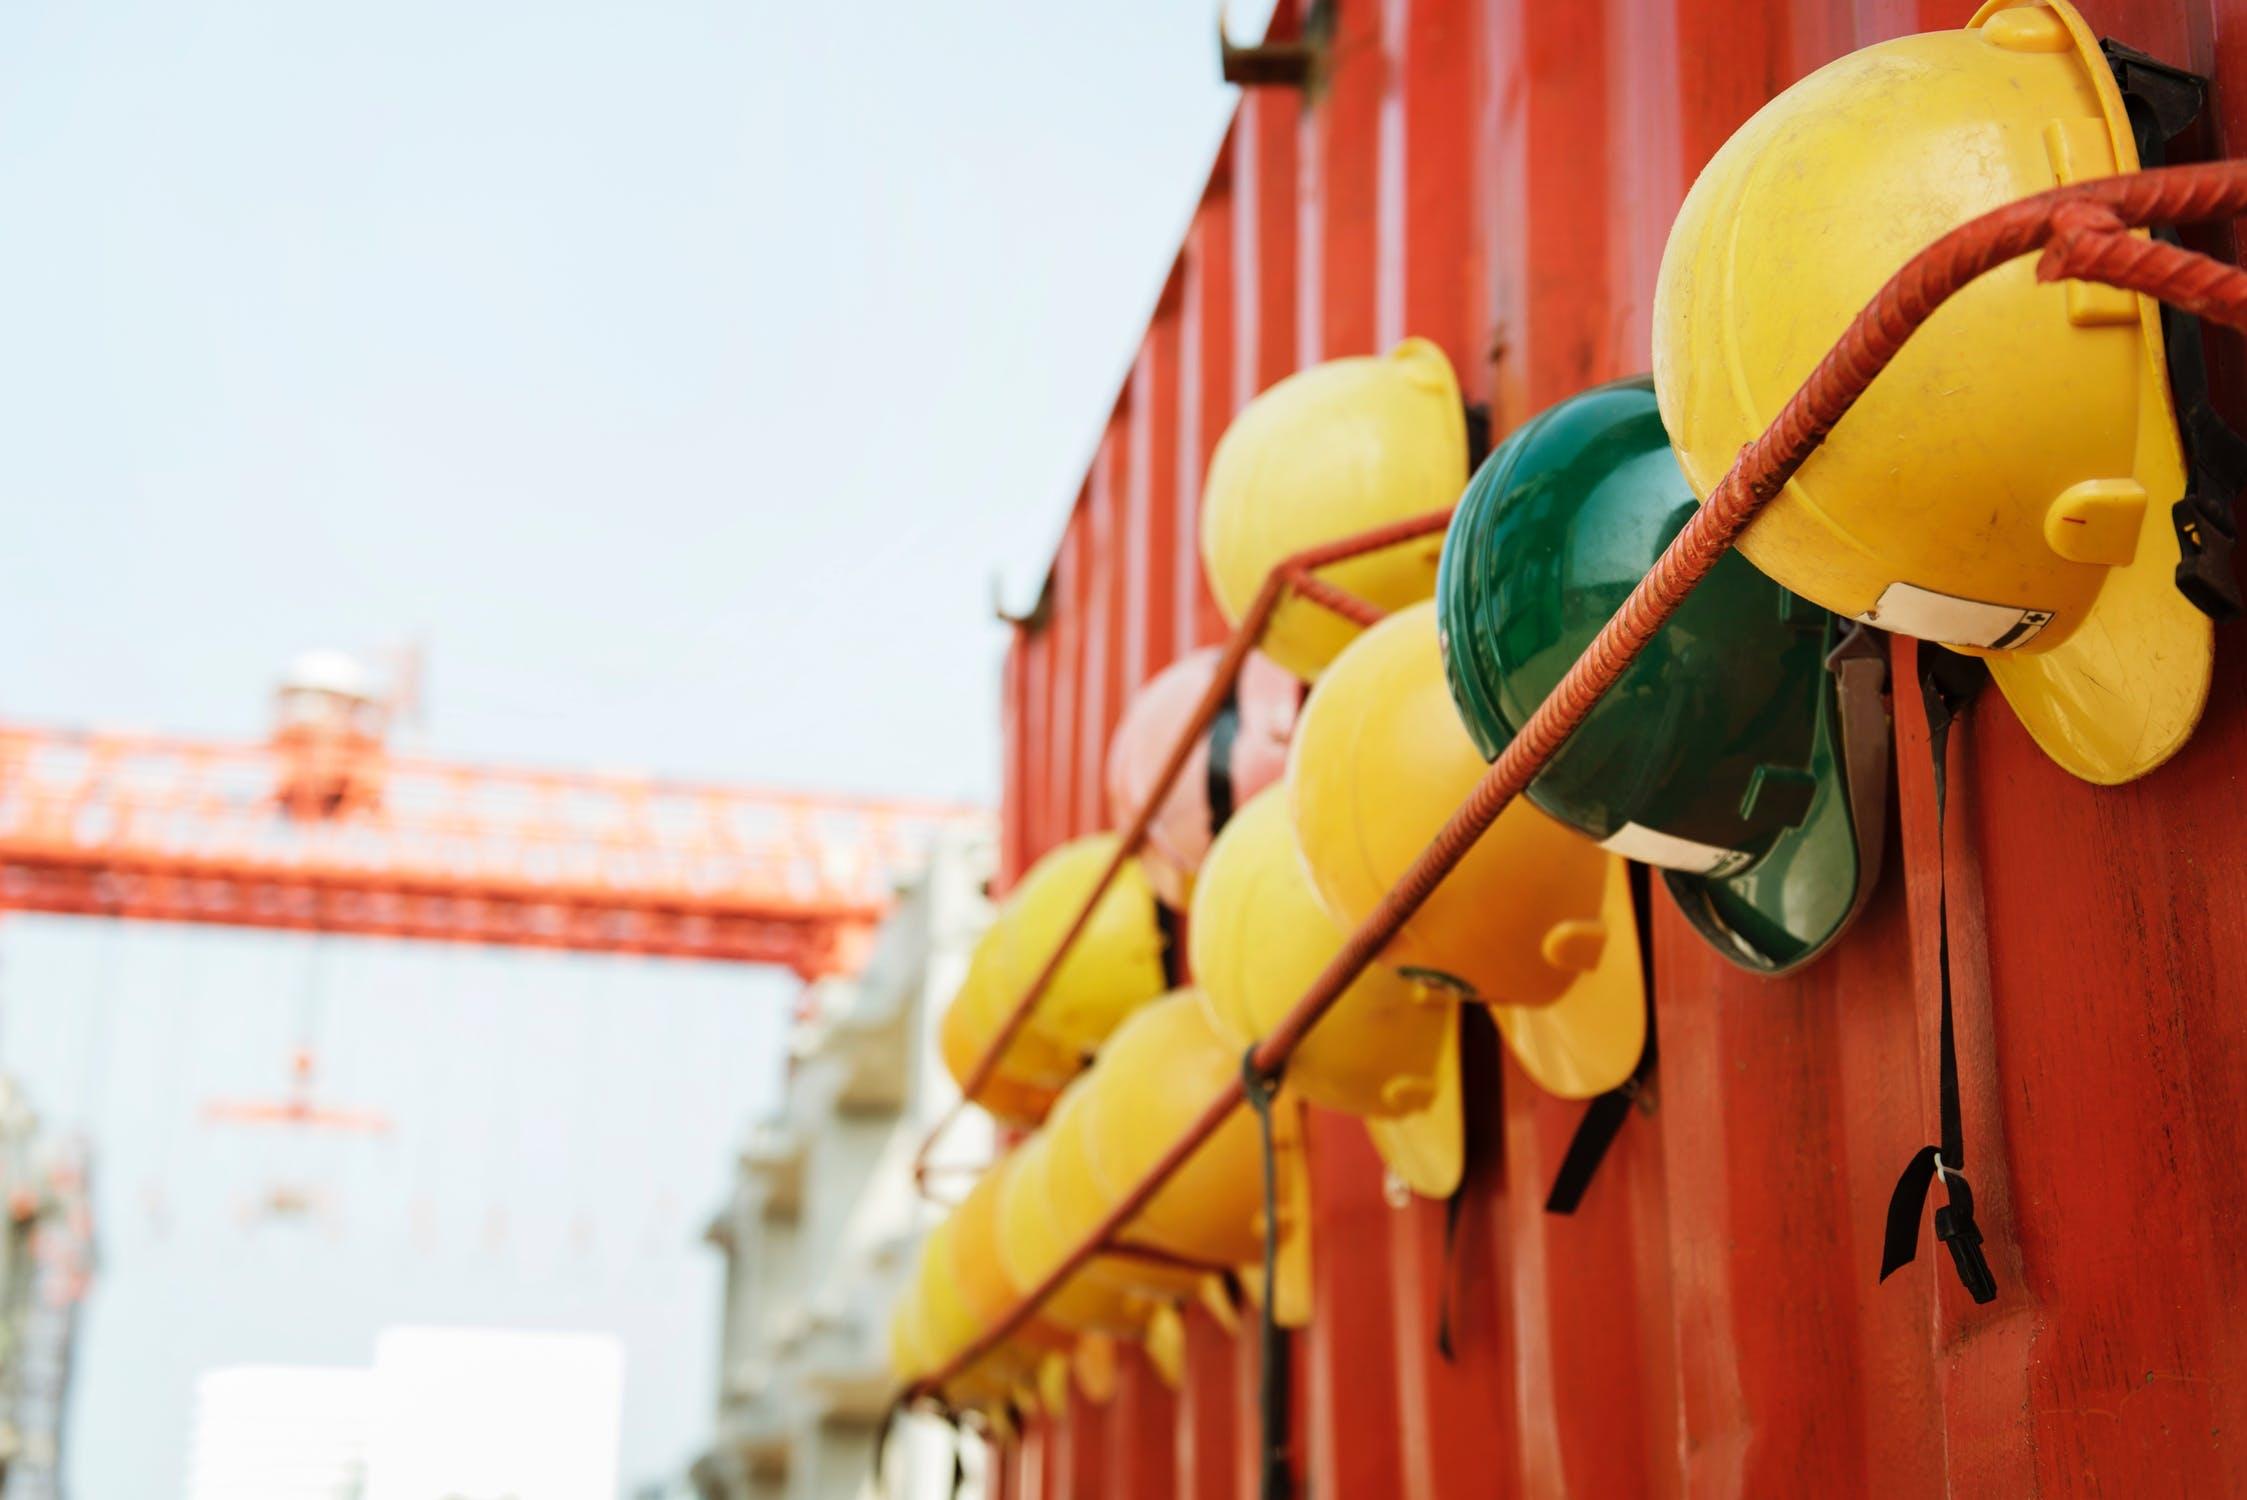 SAZ przesłało stanowisko do projektu ustawy o rynku pracy